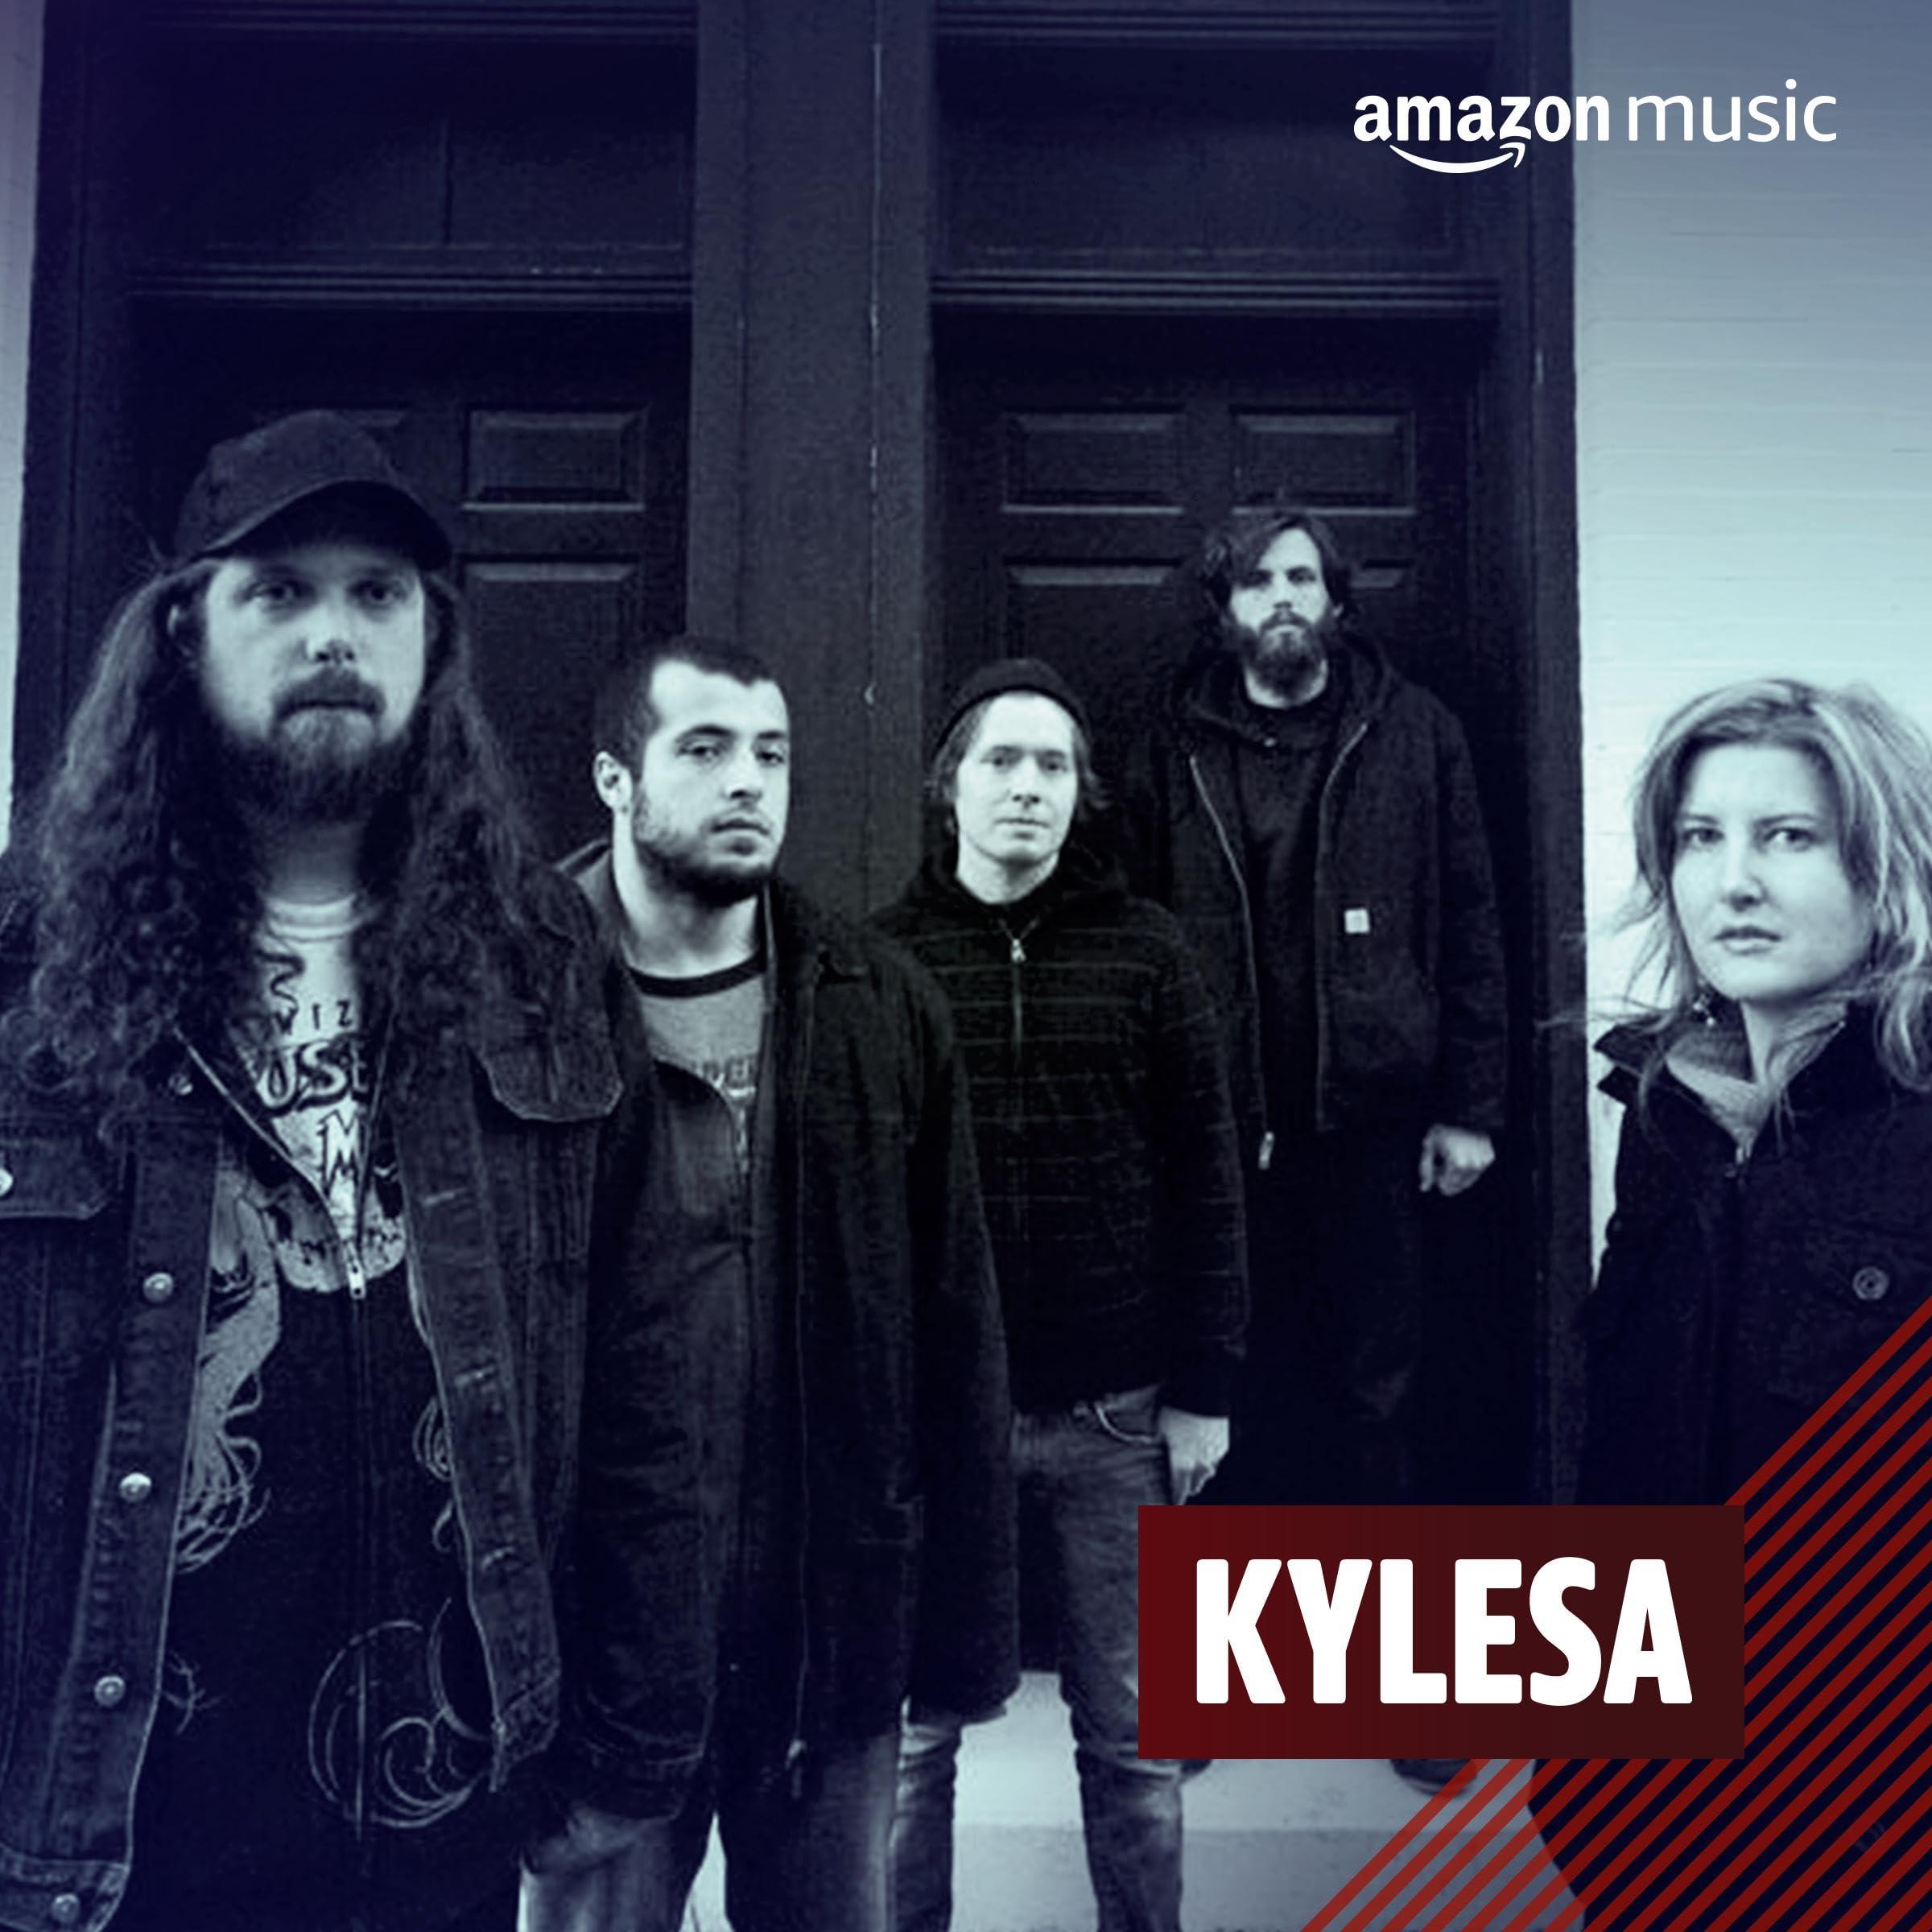 Kylesa